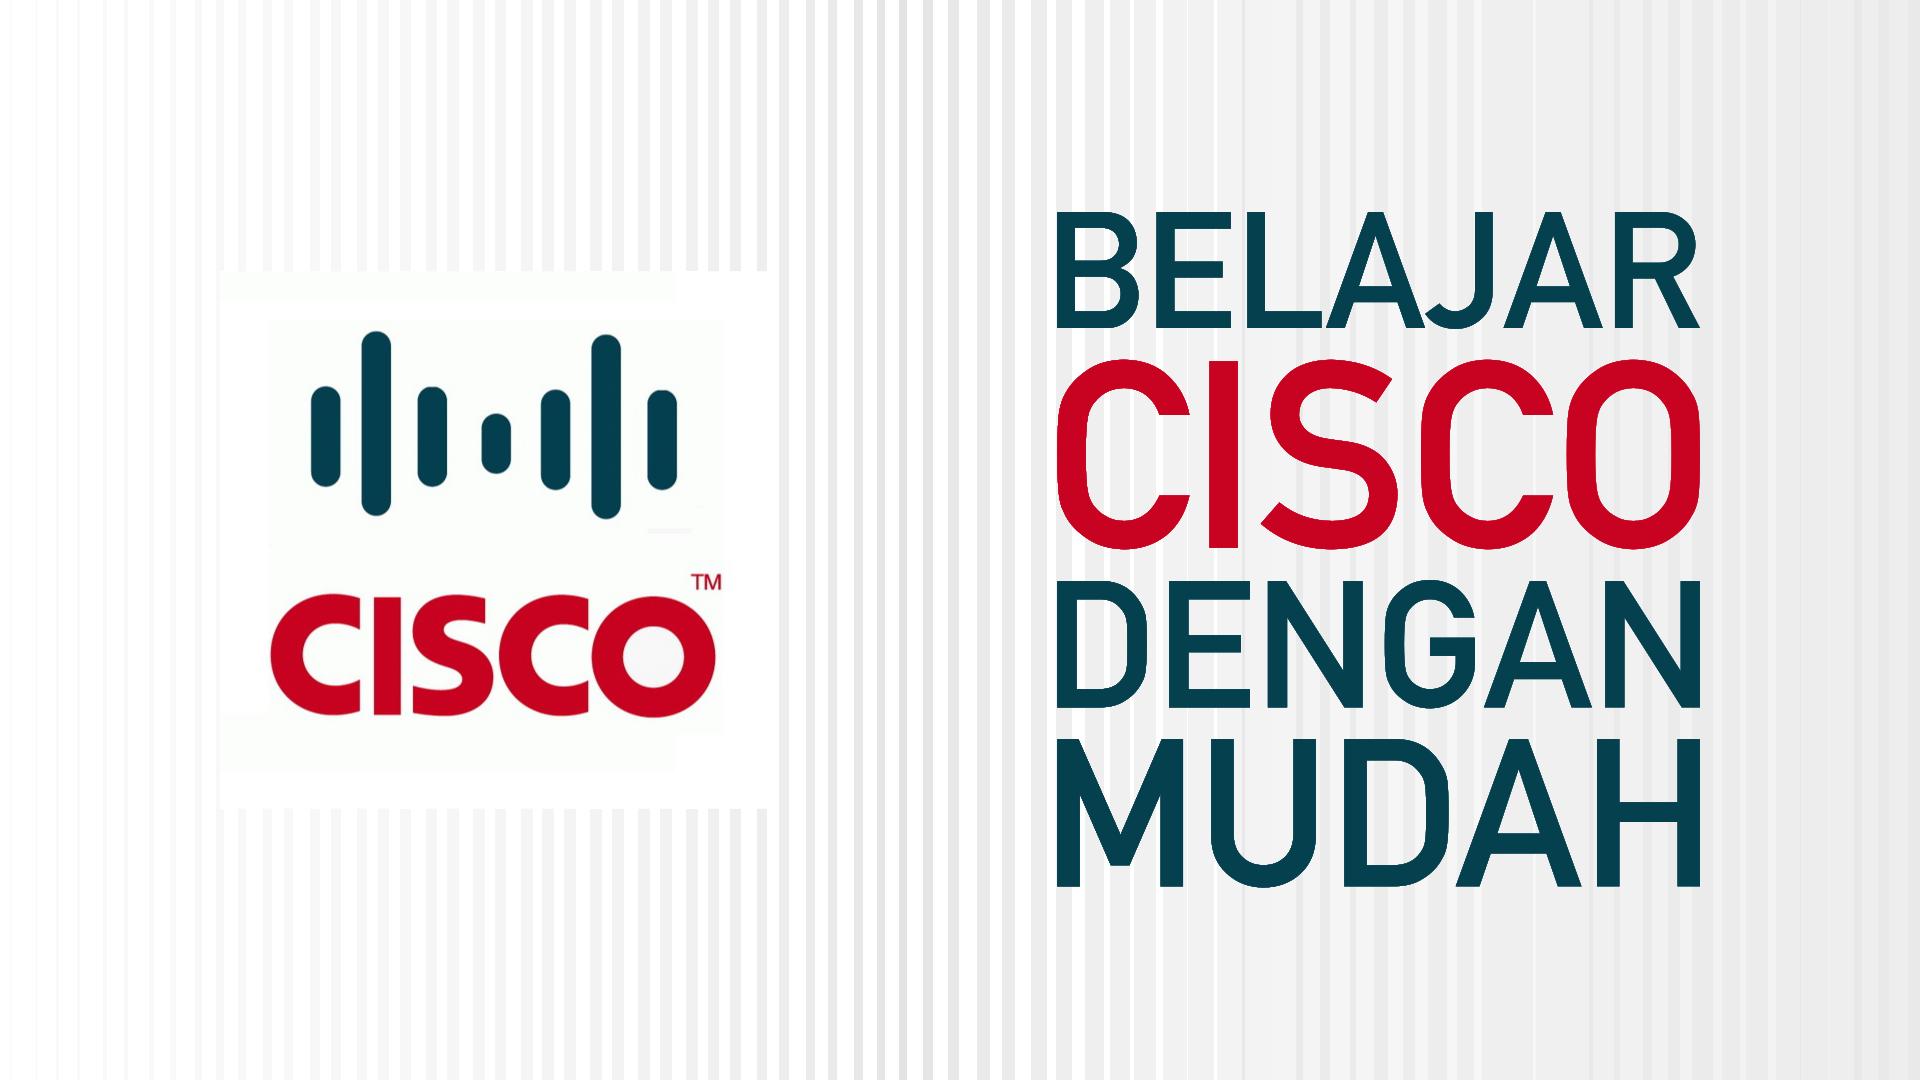 Belajar Cisco Dengan Mudah